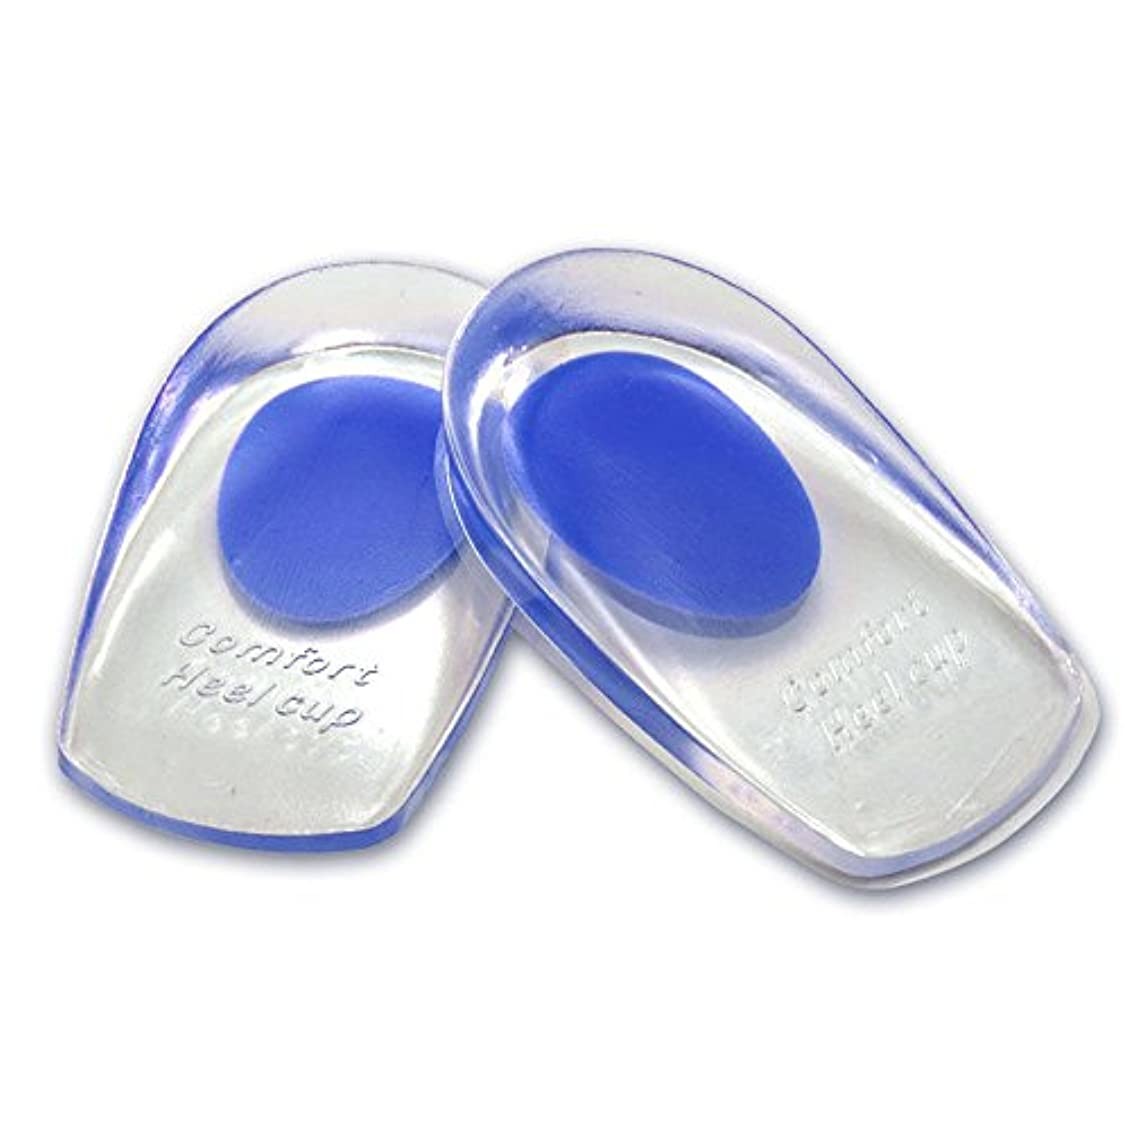 ワーディアンケースラバ連帯シリコンヒールカップ かかとの痛み防止に ソフトシリコン製 インソールクッション 衝撃緩和 立体形状 フィット感抜群 FMTMXCA2S (ブルー(靴サイズ24.5~27.5cm用))